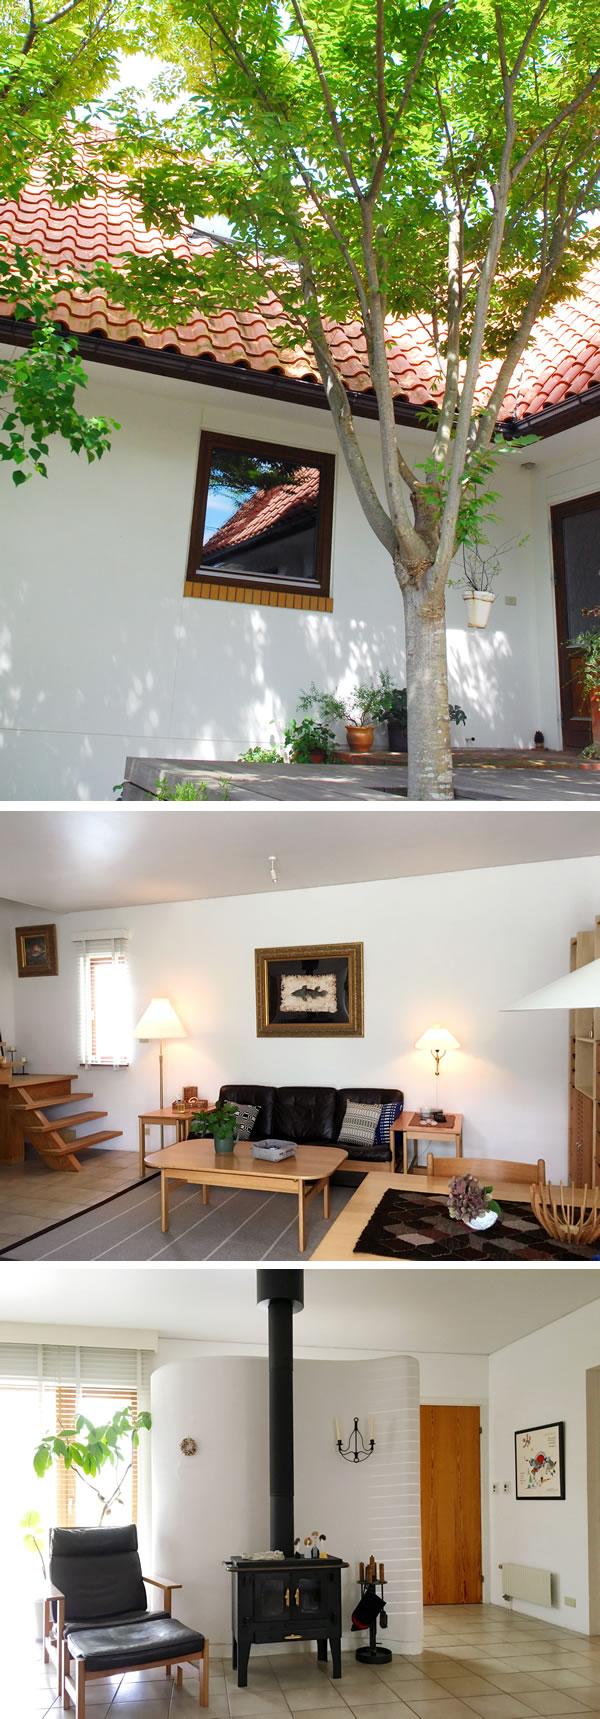 瀬戸風の家イメージ1